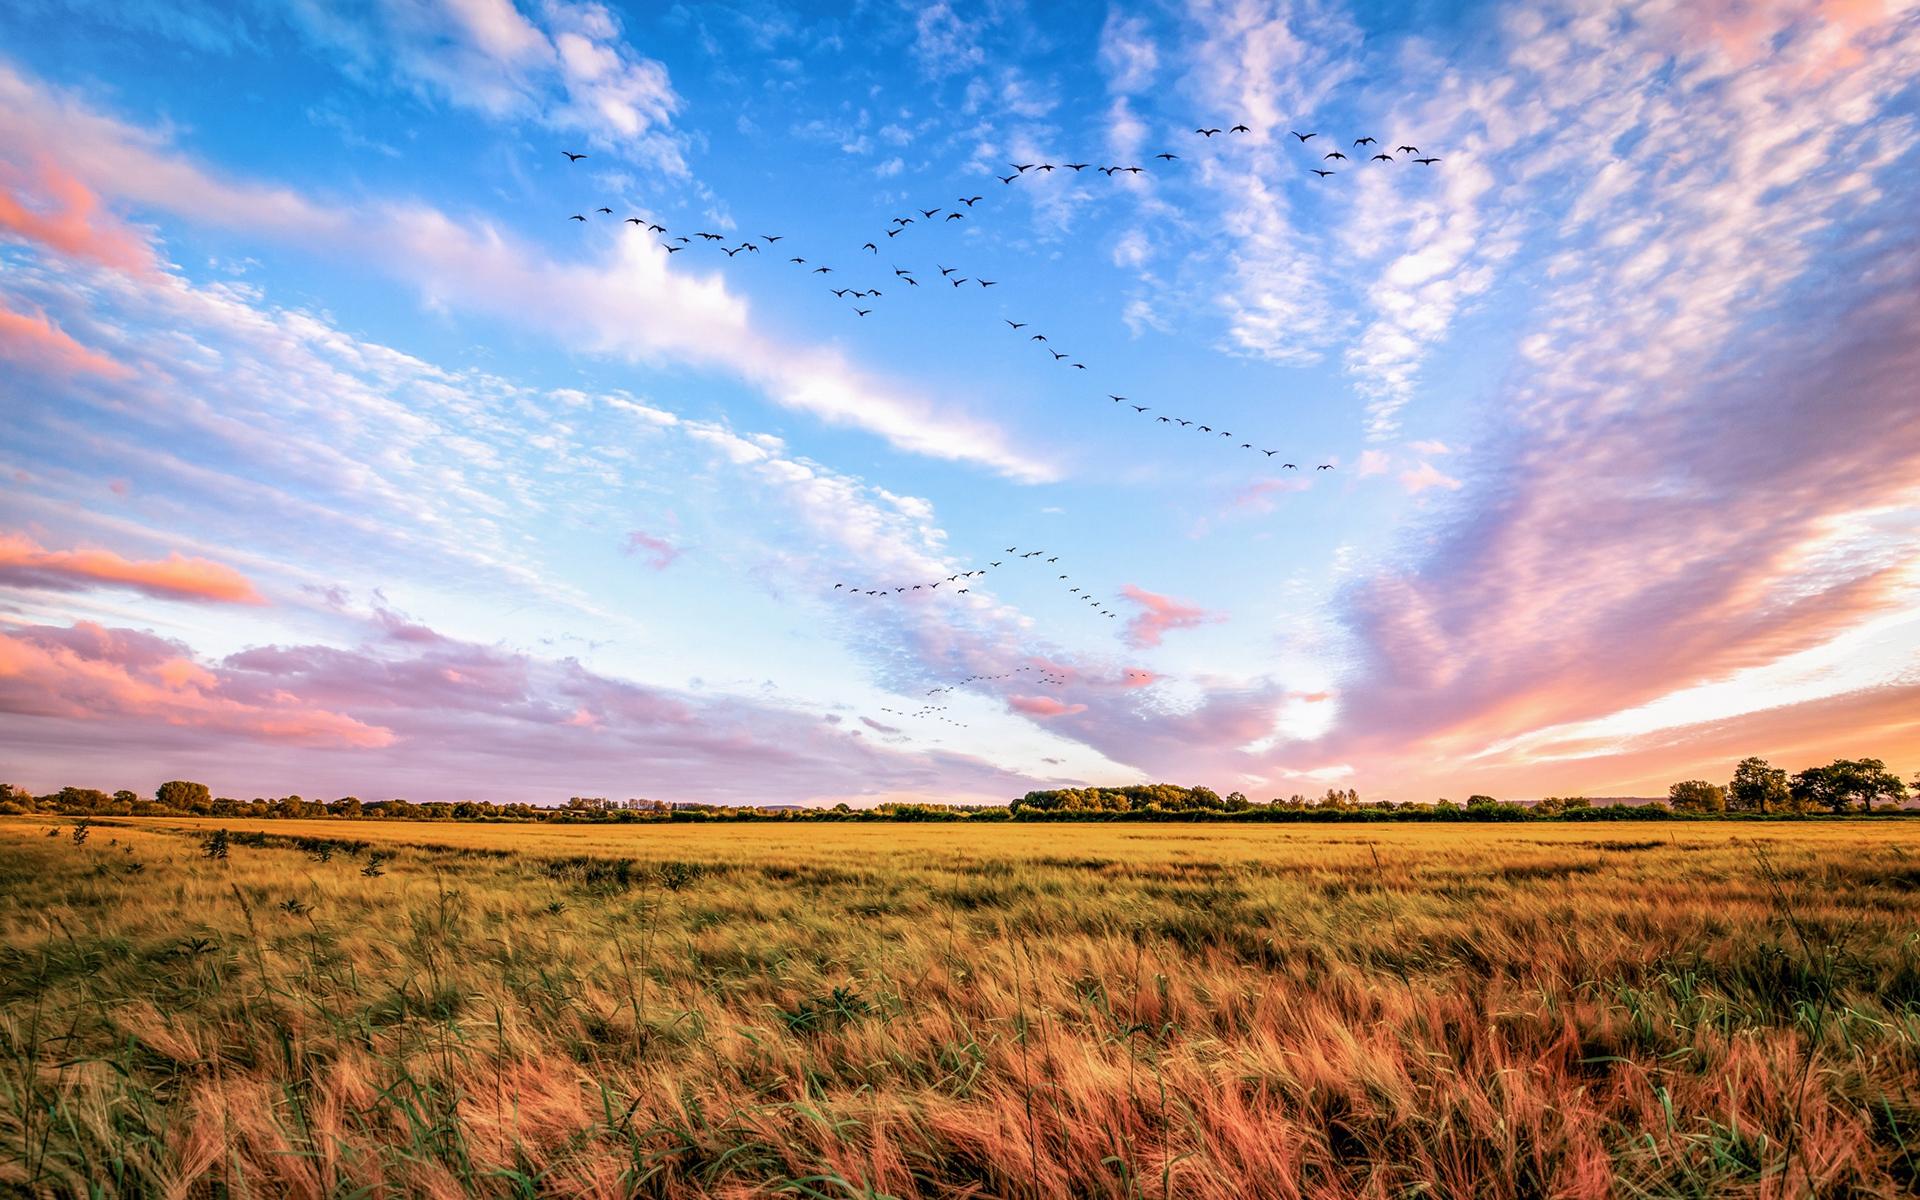 【美丽的草原风景】-【联想杂谈】论坛-lenovopc社区